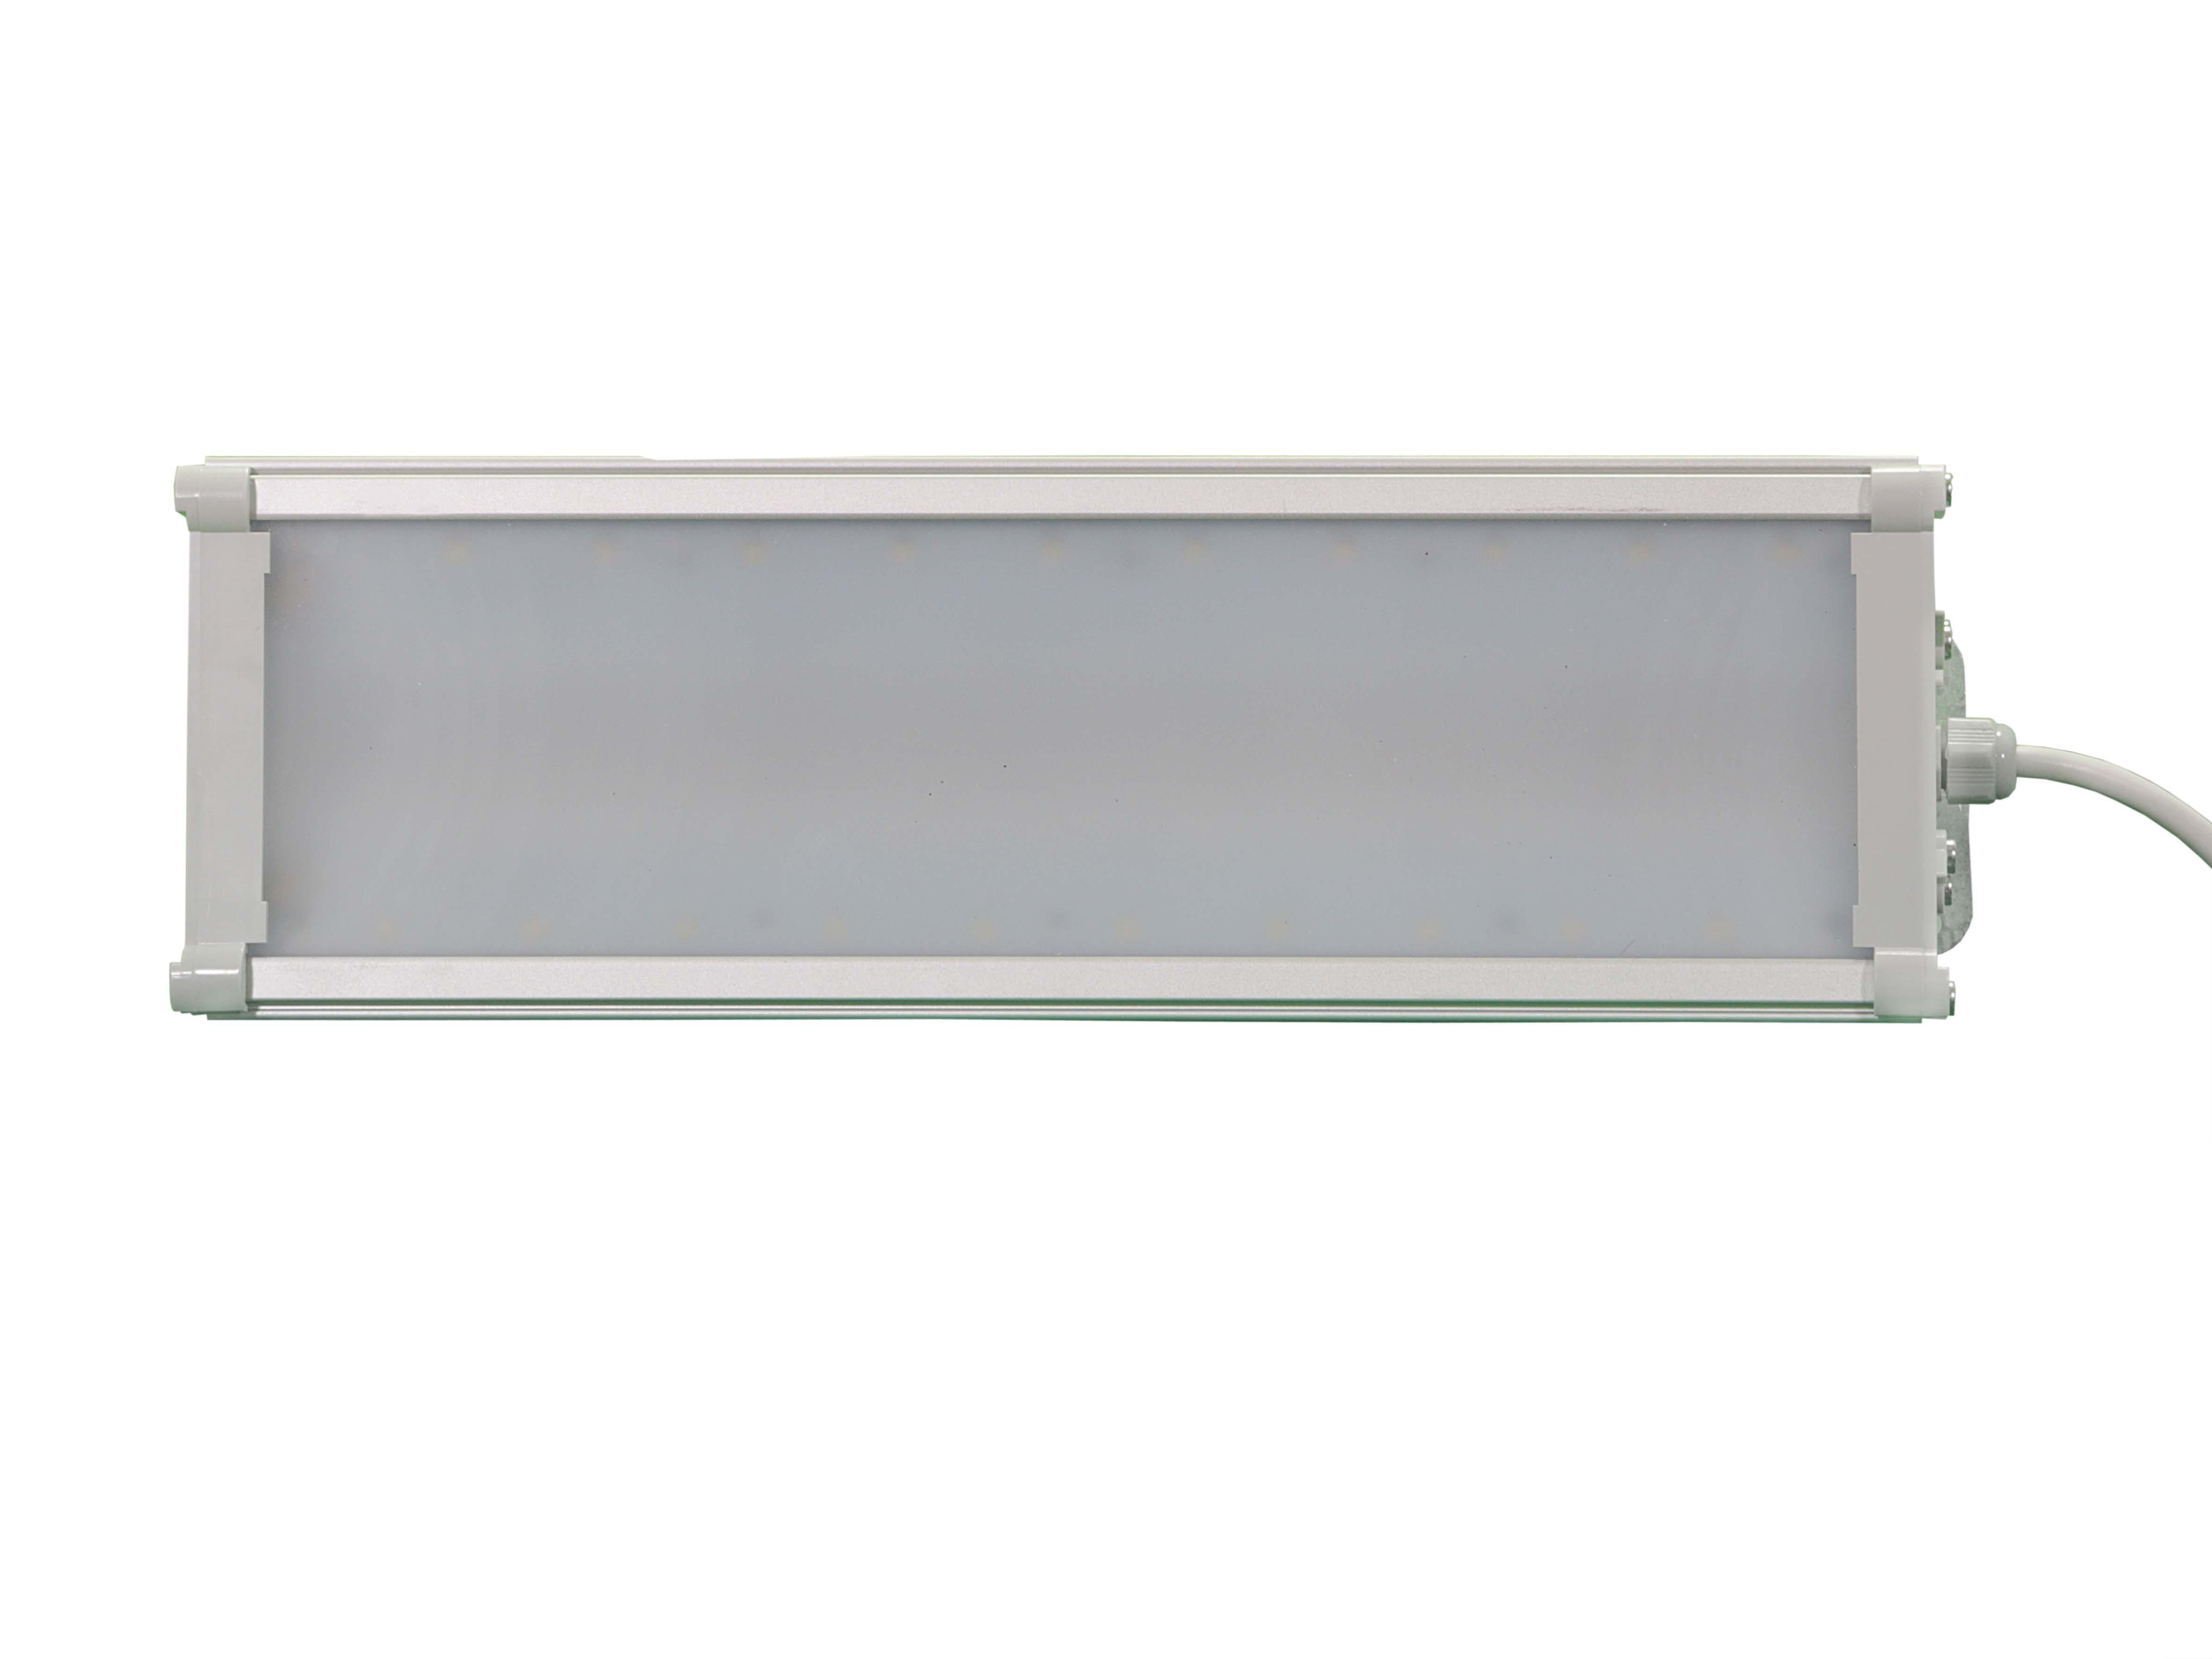 Офисный светодиодный светильник Айсберг Премиум-35 35Вт 4596Лм